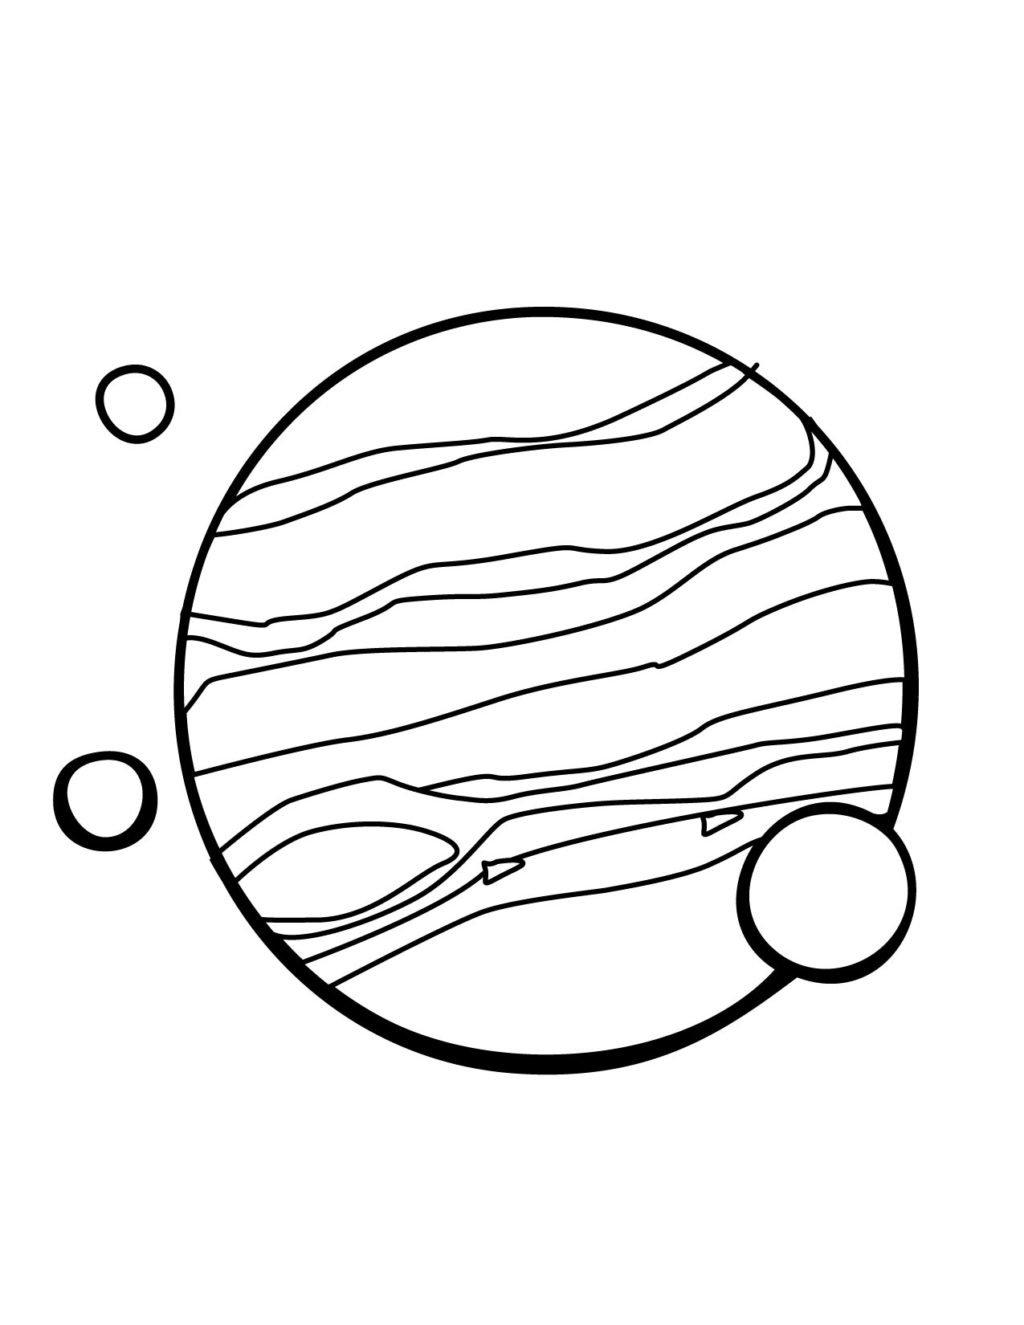 Раскраска юпитер для детей